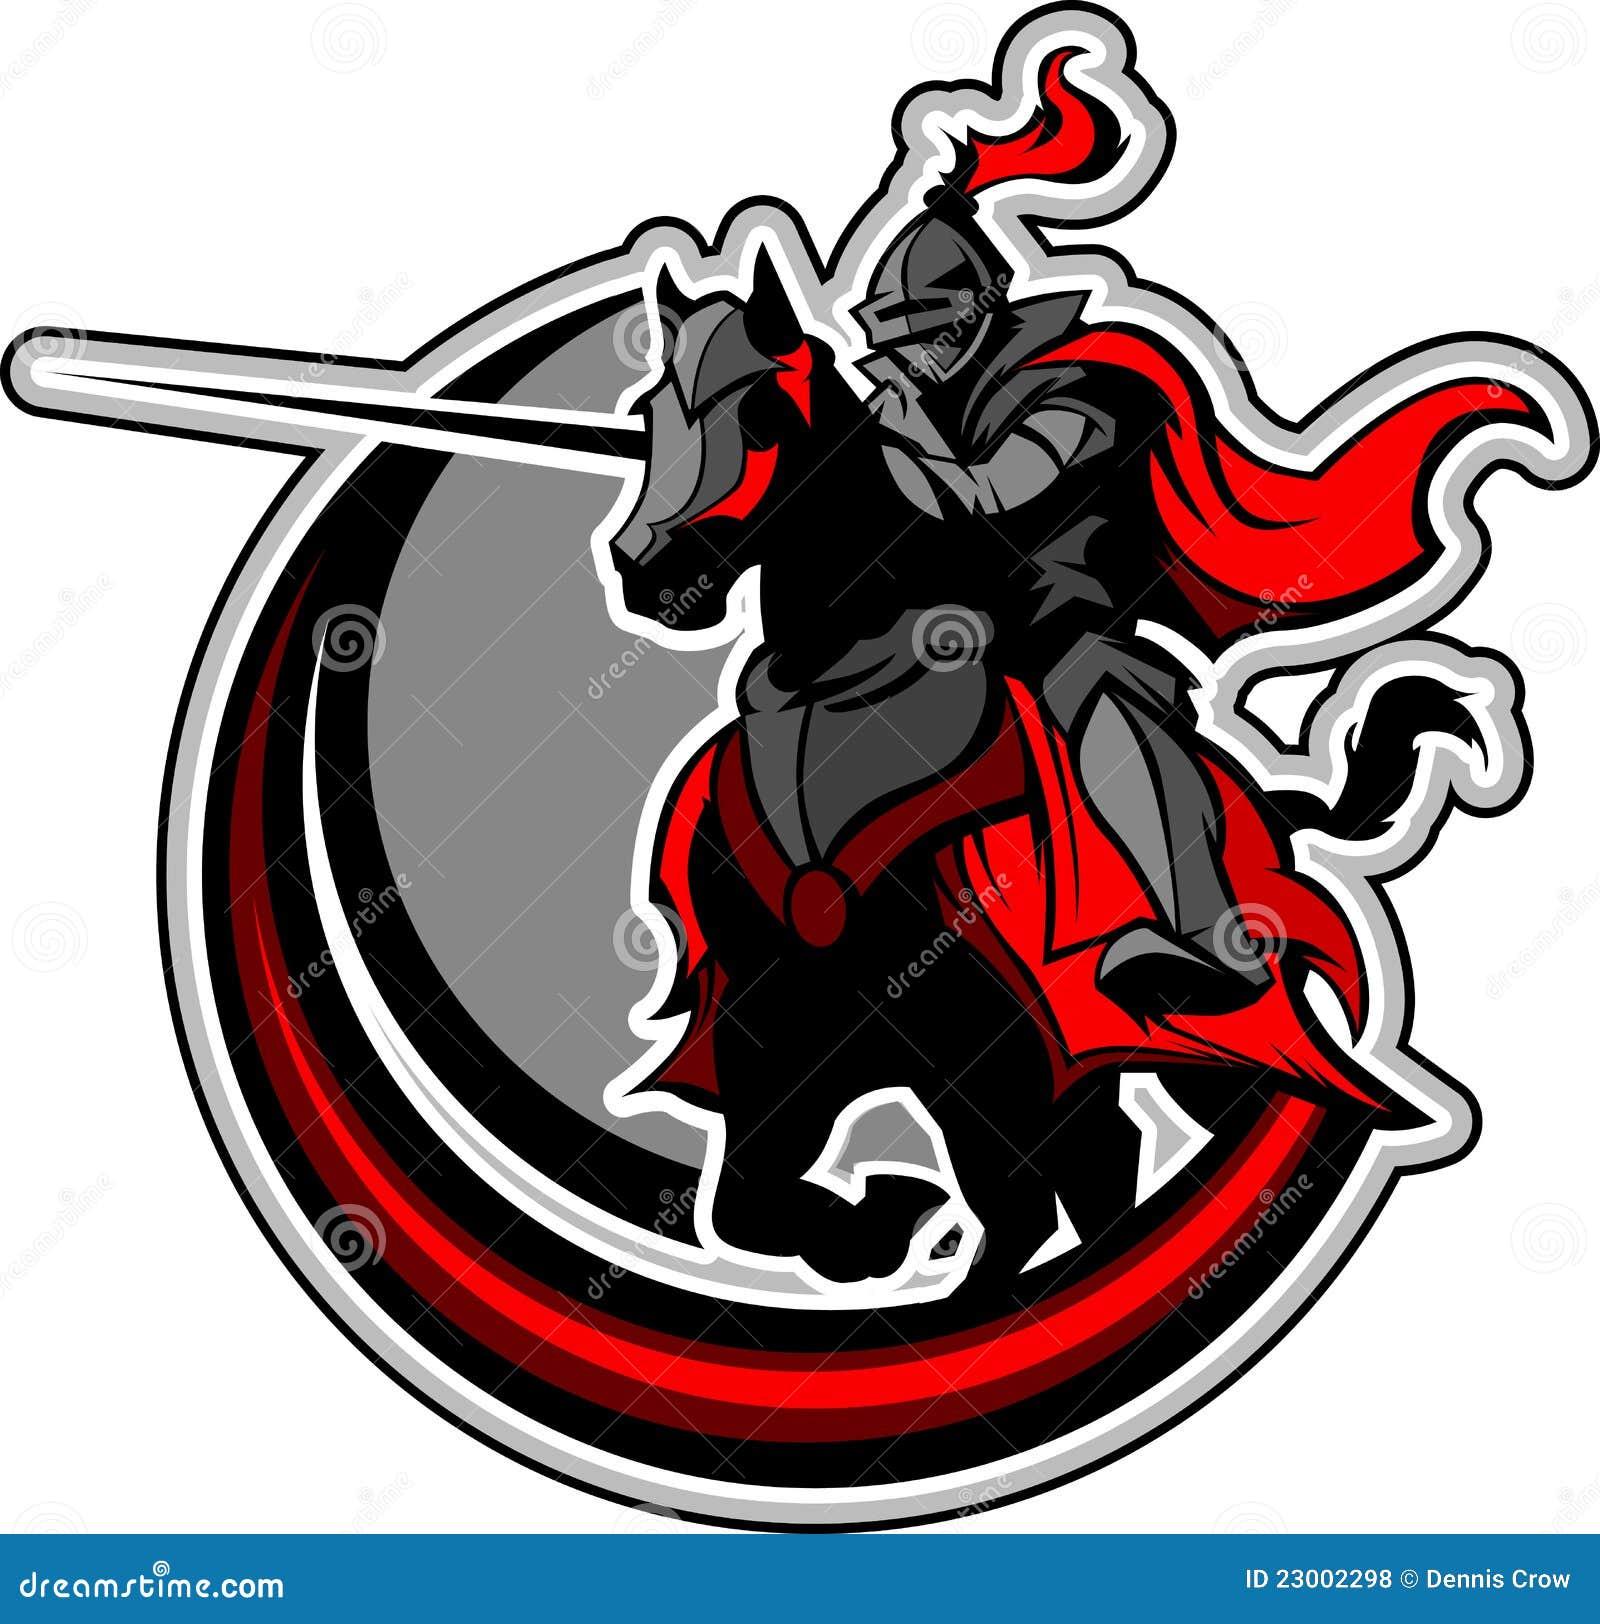 Mascote Jousting do cavaleiro no cavalo